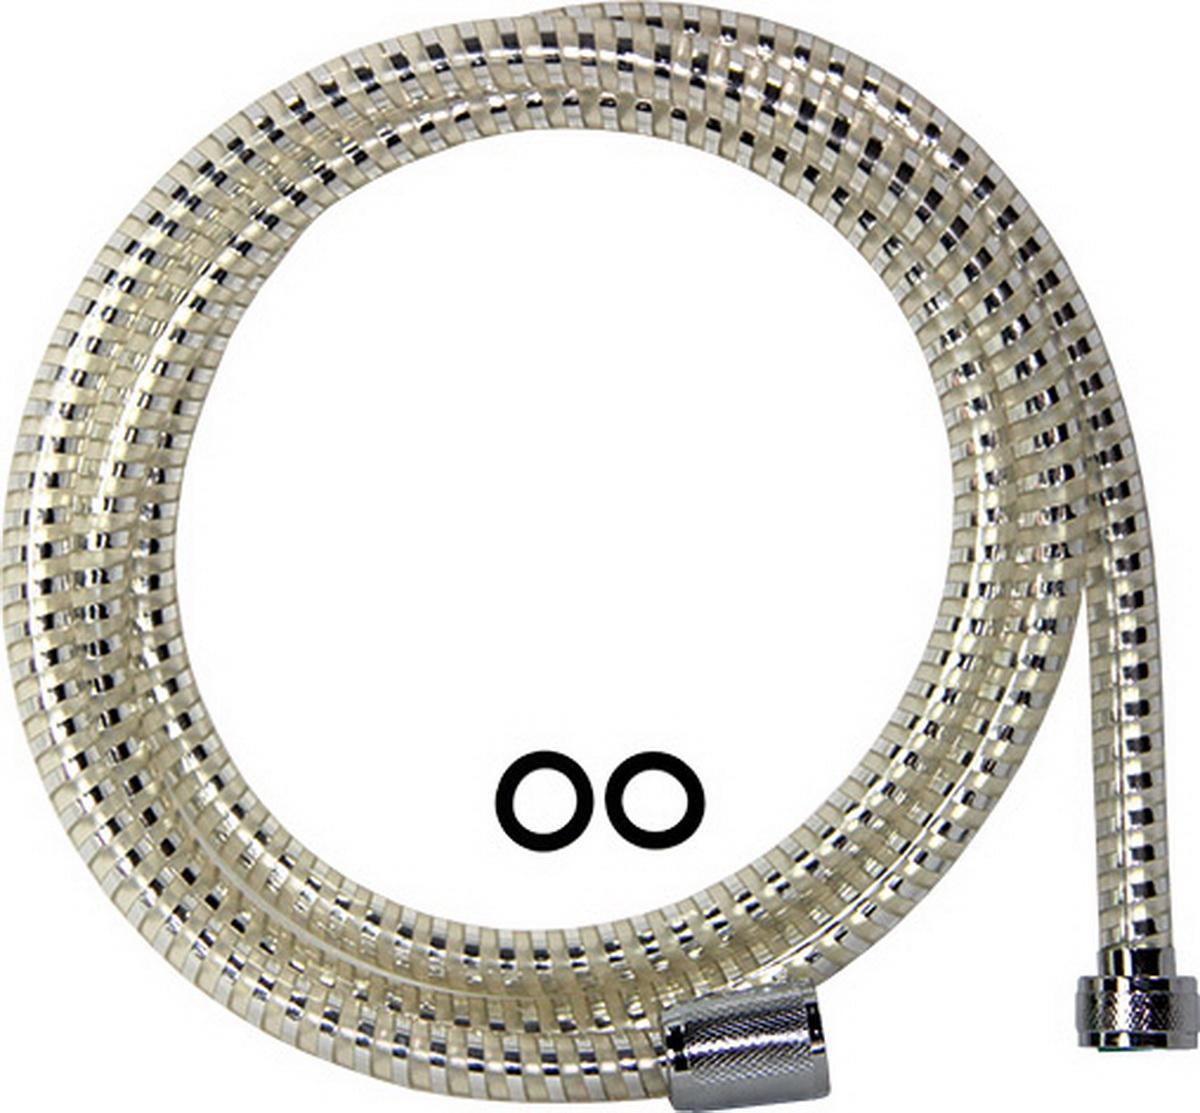 Шланг для душа Argo PVC Еspiroflex TRANSPARENTE, 1/2, 175 см шланг для душа argo eur s eco